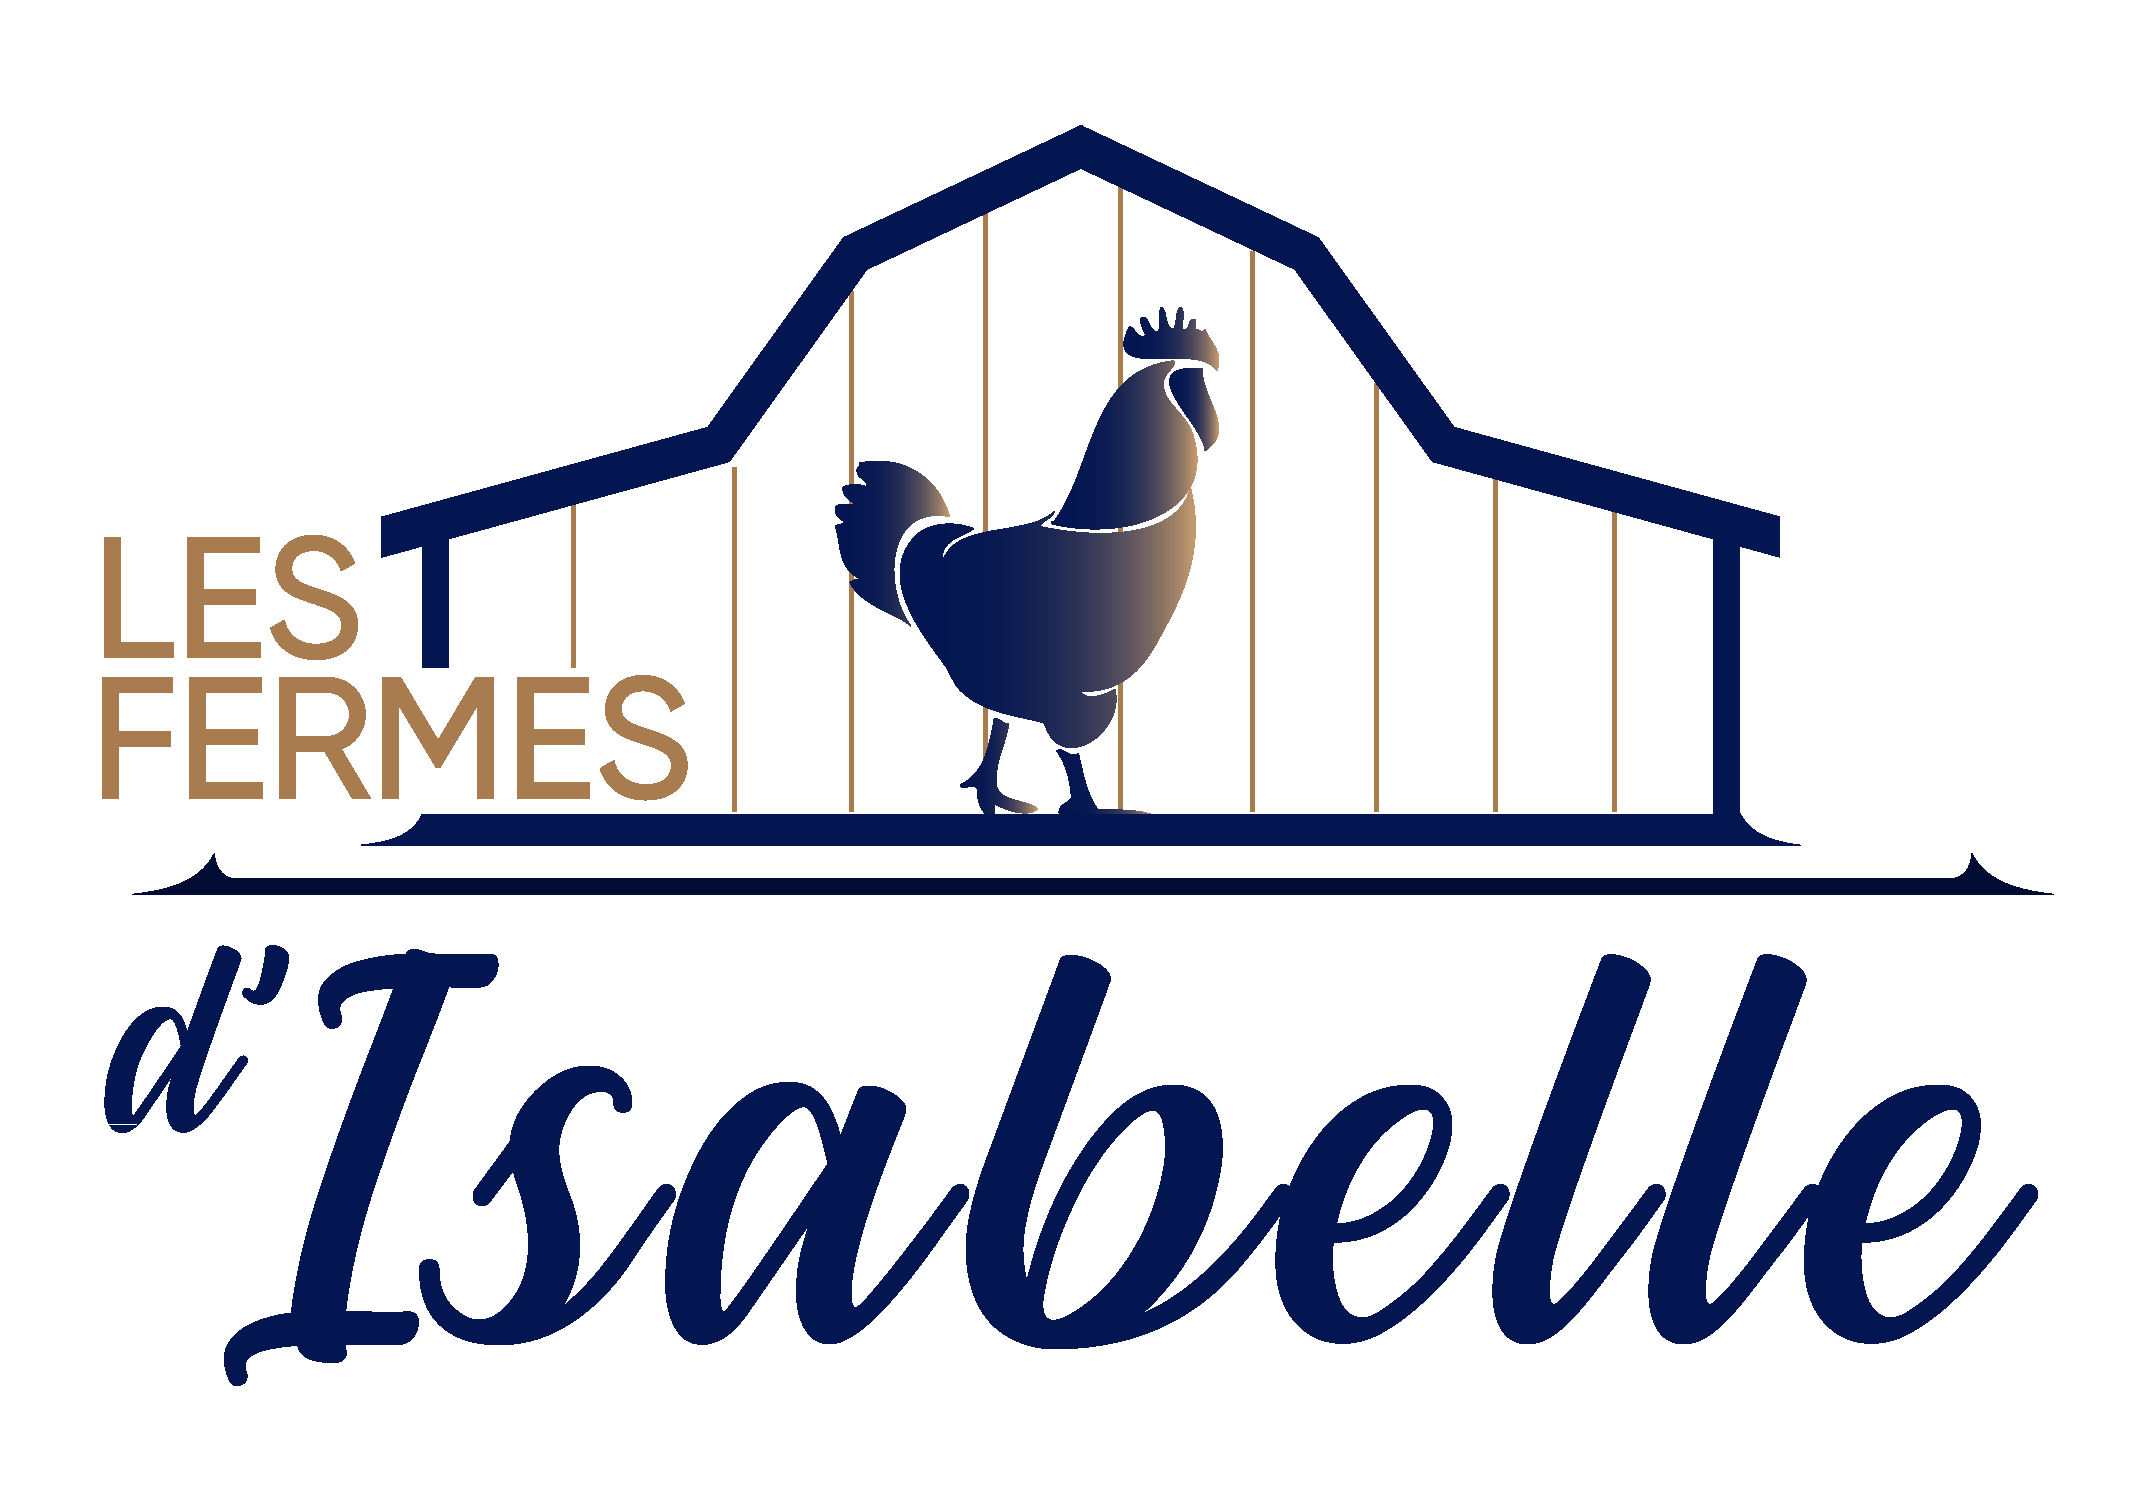 Les fermes d'Isabelle